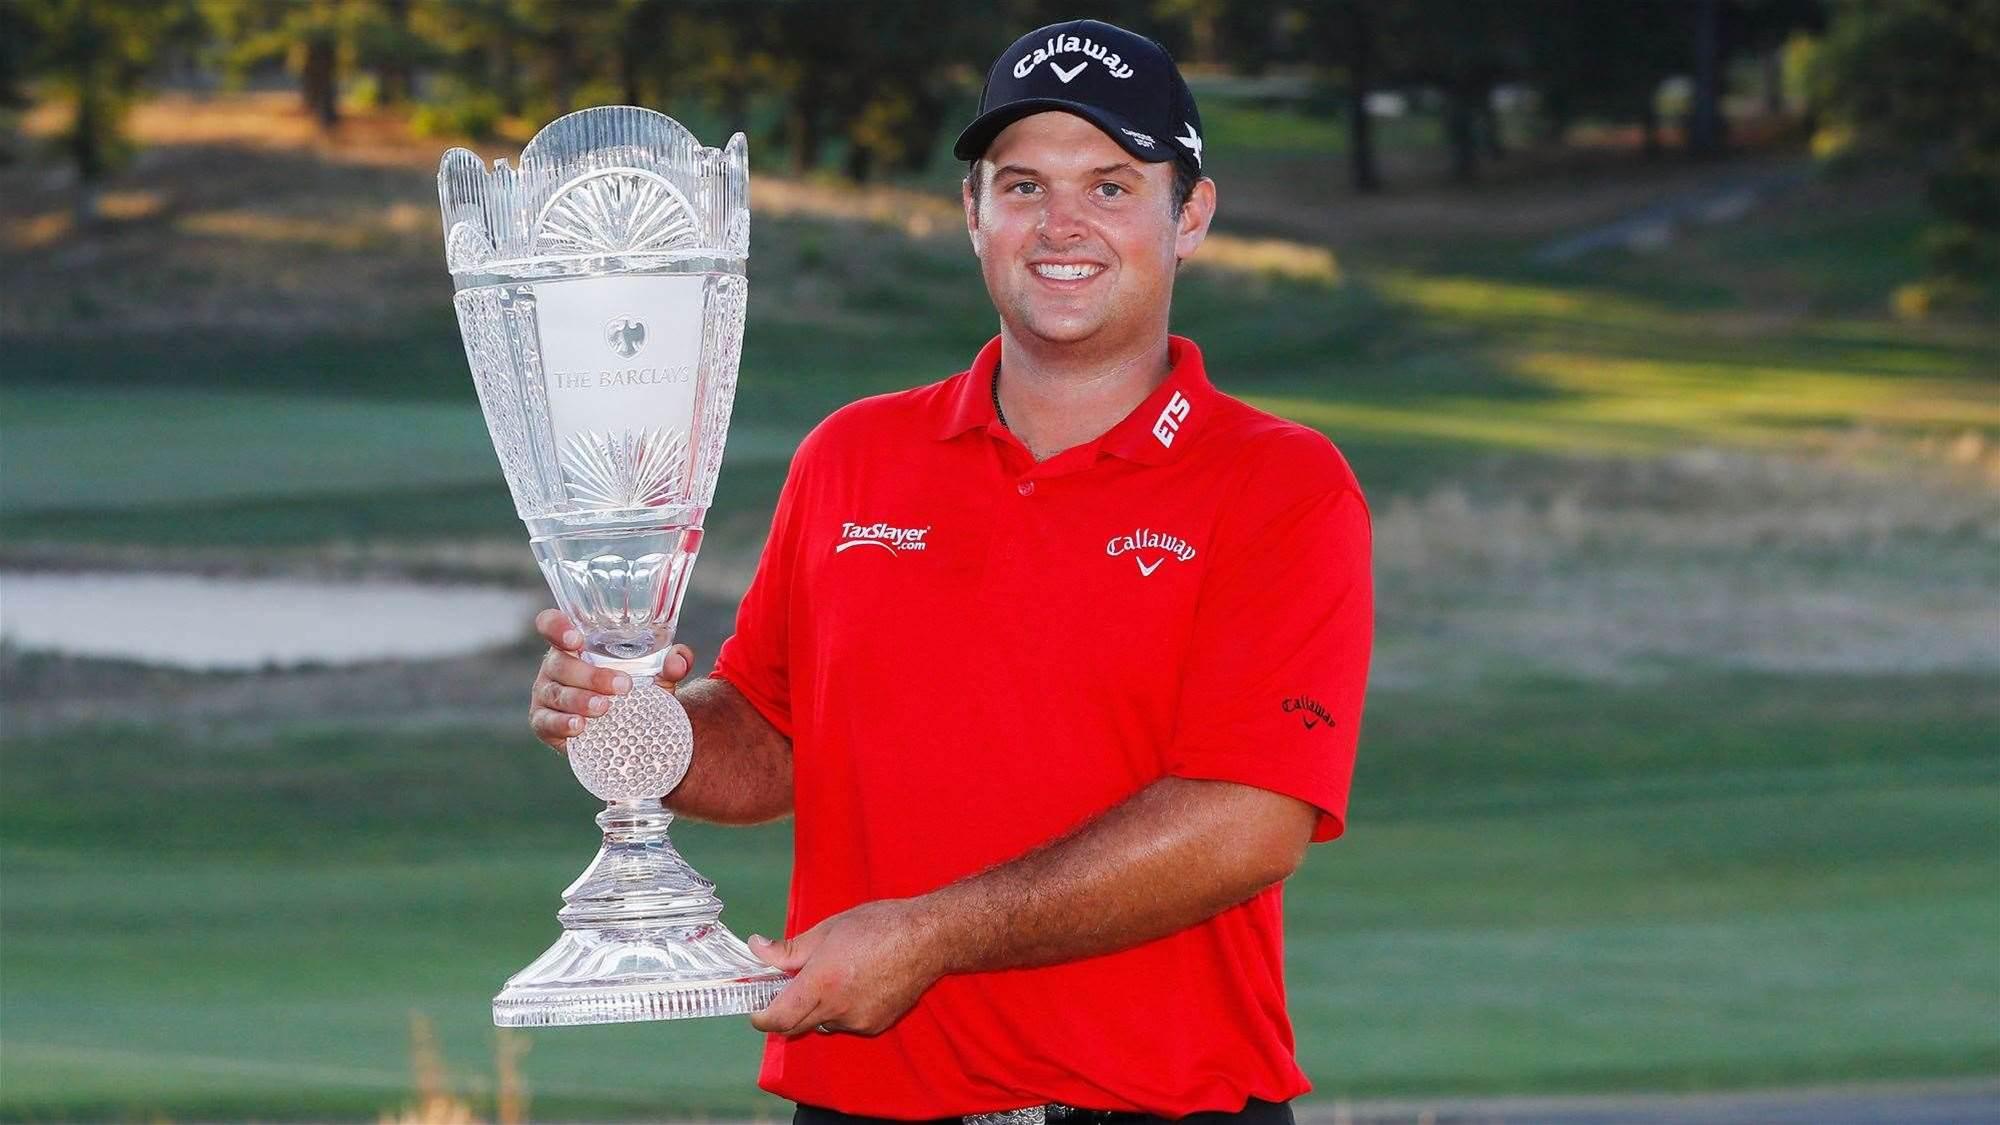 PGA TOUR: 'Winning takes care of everything' - Reed